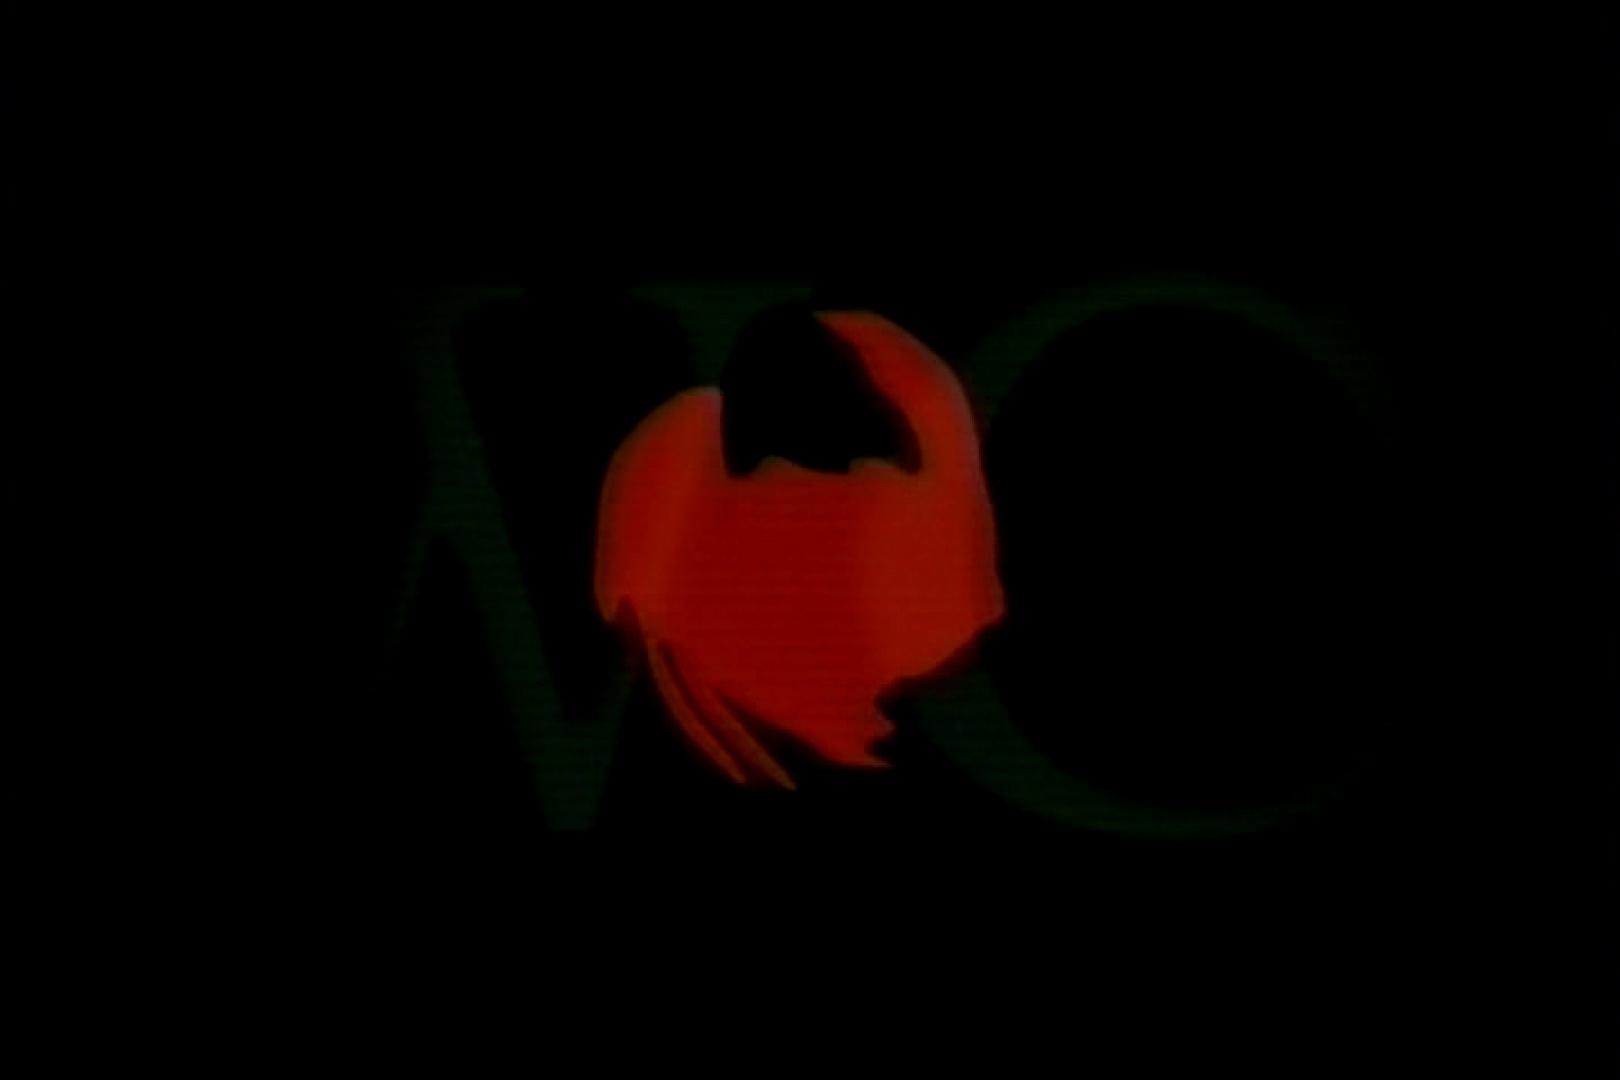 高画質版!SPD-072 PEEPING WC SPY-CAM 総集編SPECIAL プライベート おまんこ無修正動画無料 113PIX 101